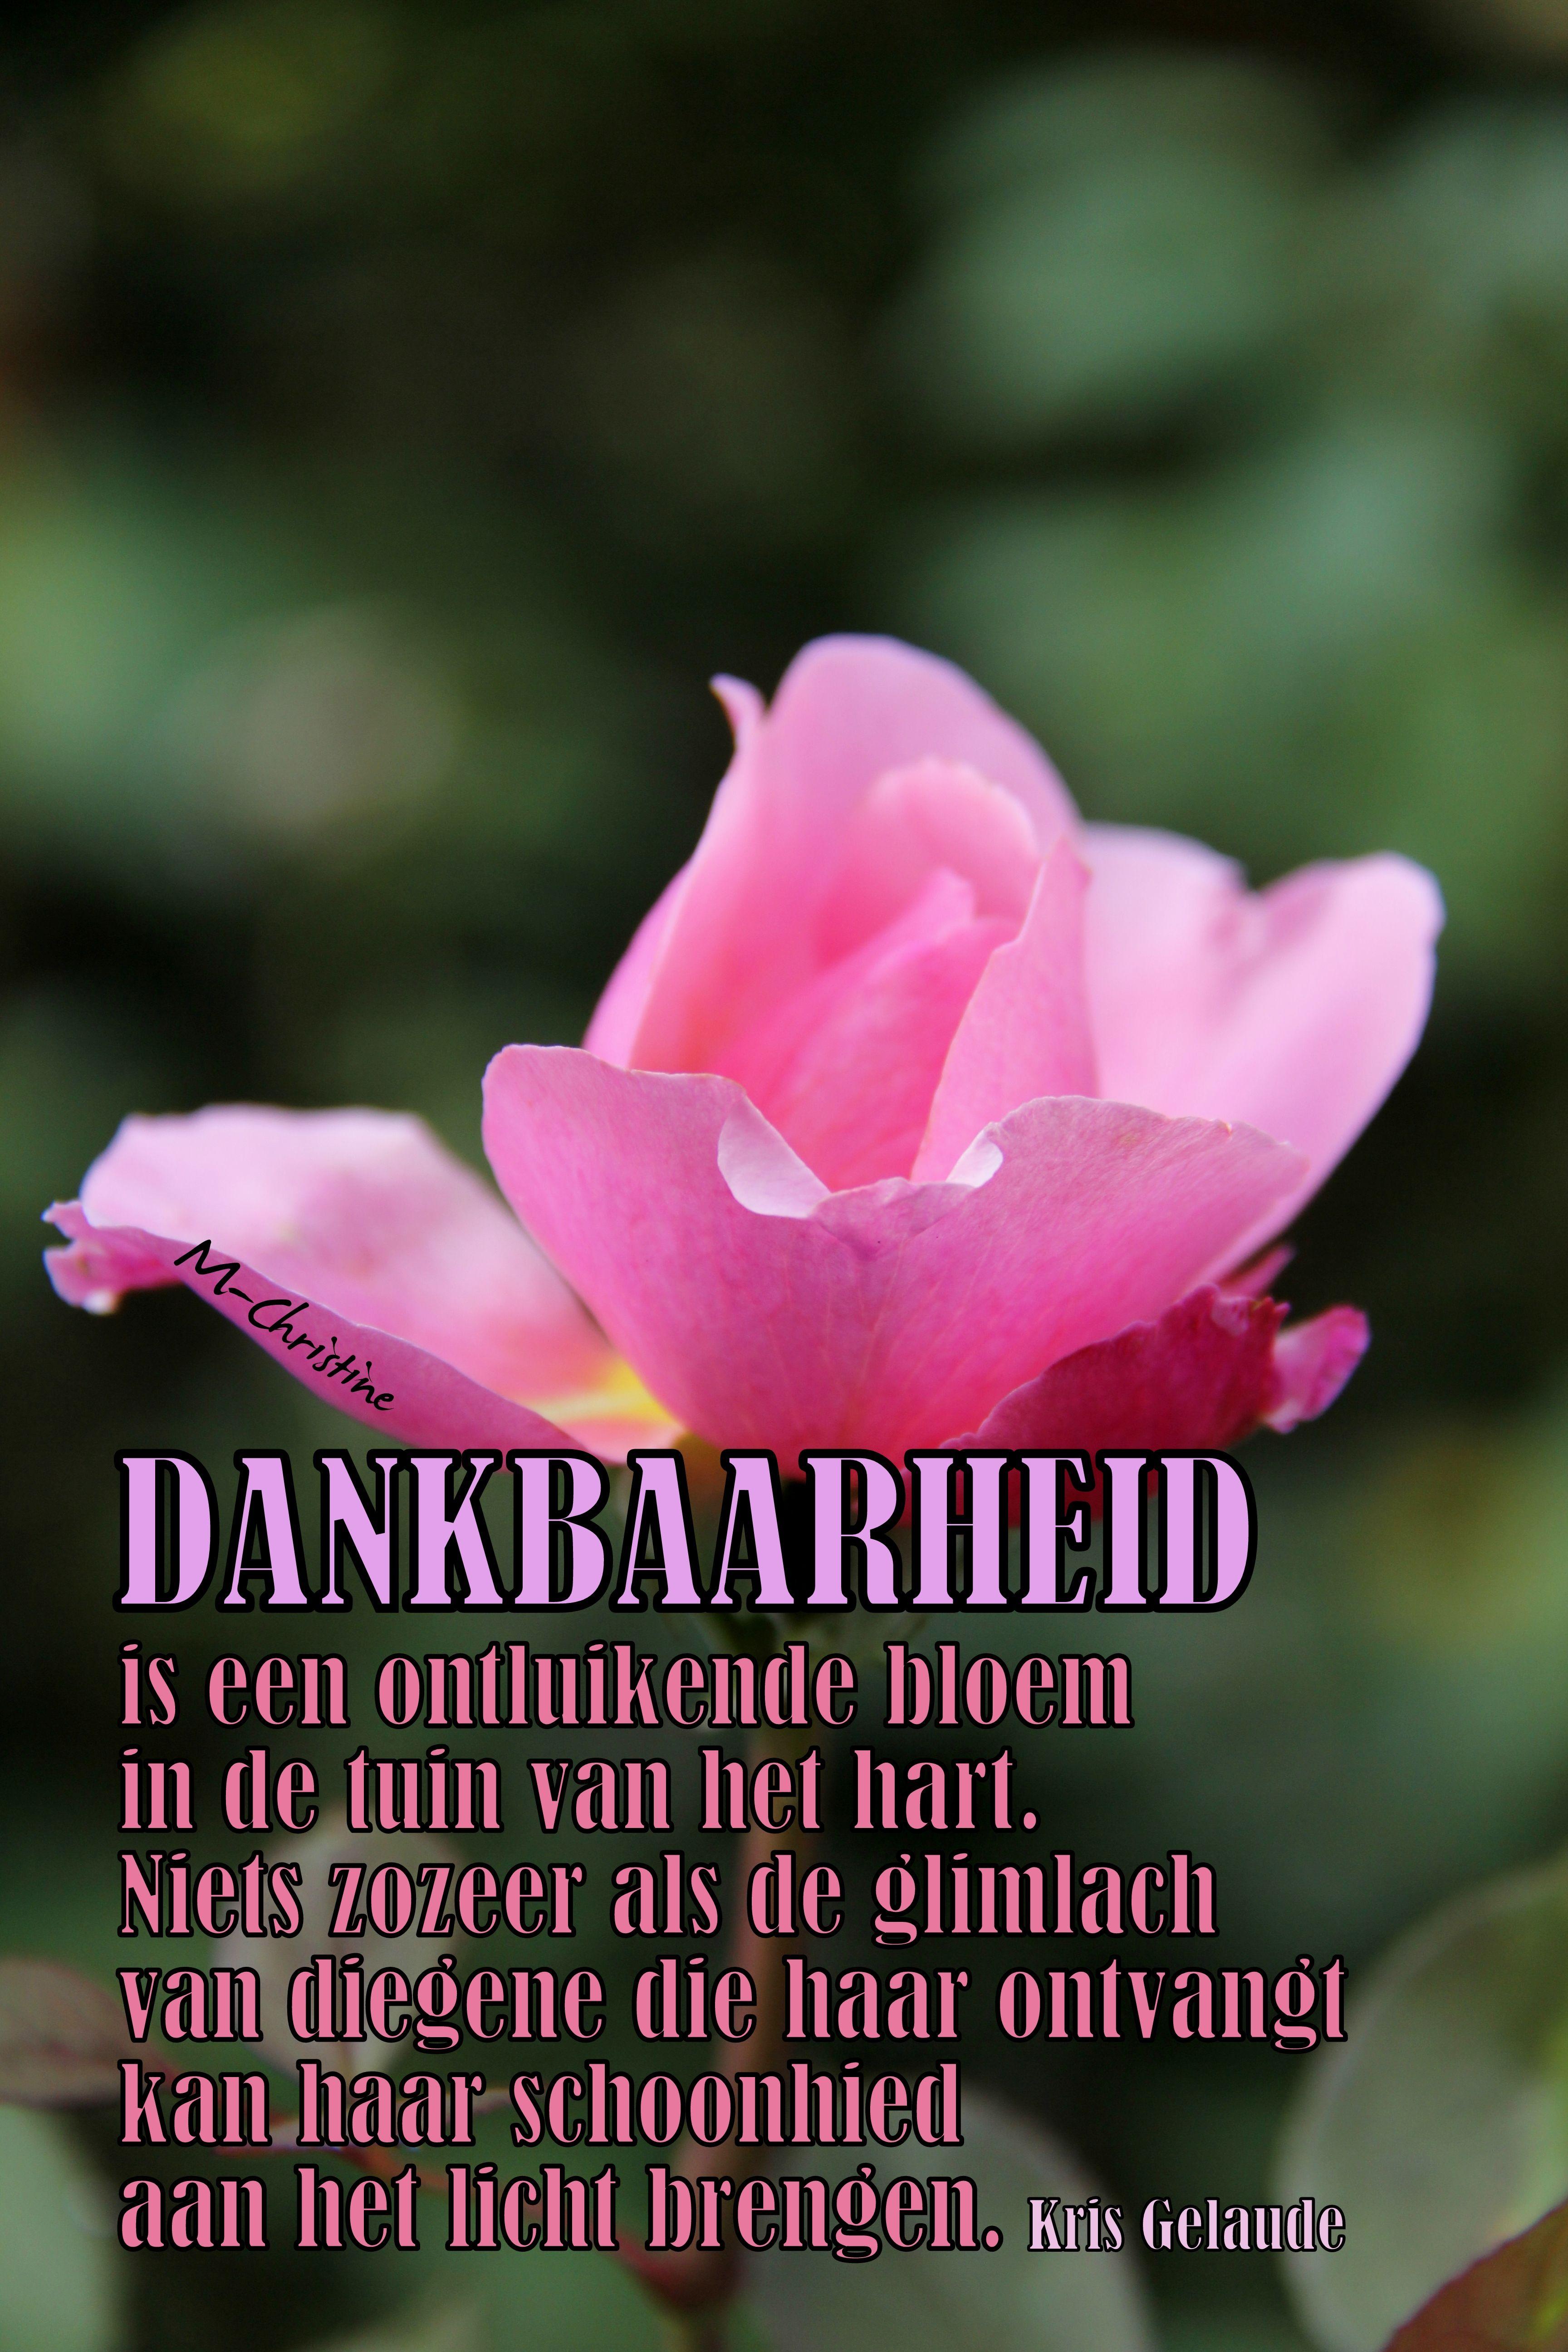 Citaten Over Bloemen : Dankbaarheid is als een ontluikende bloem rouwgedichten